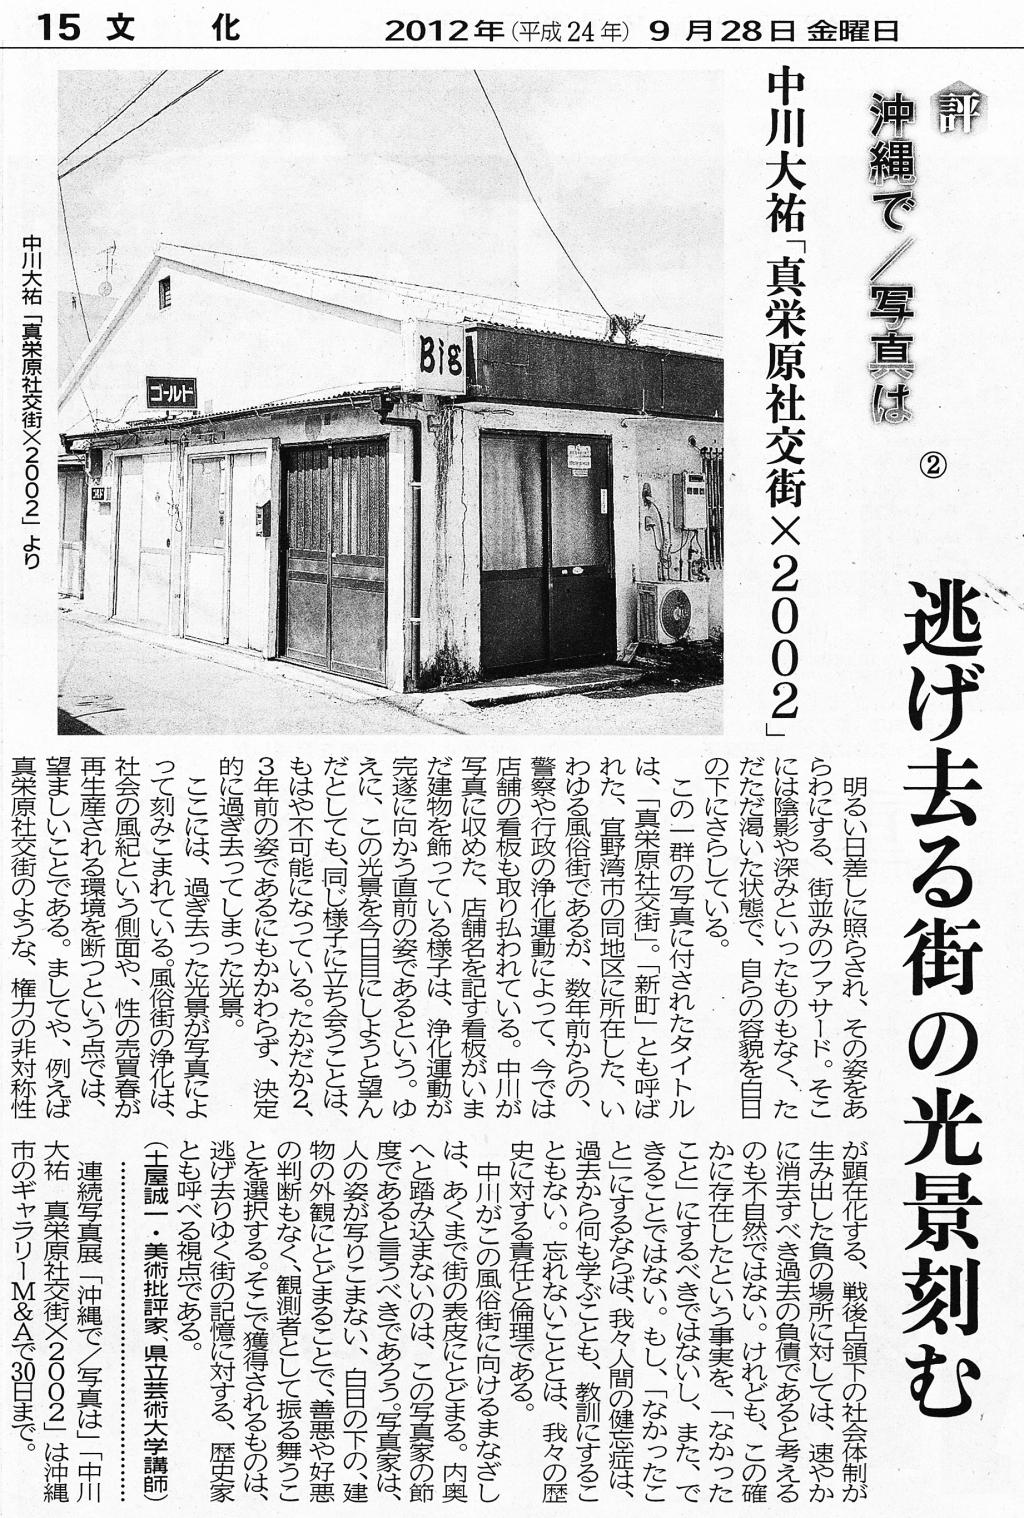 20120928_times_renzoku_nakagawa_tuchiya.jpg